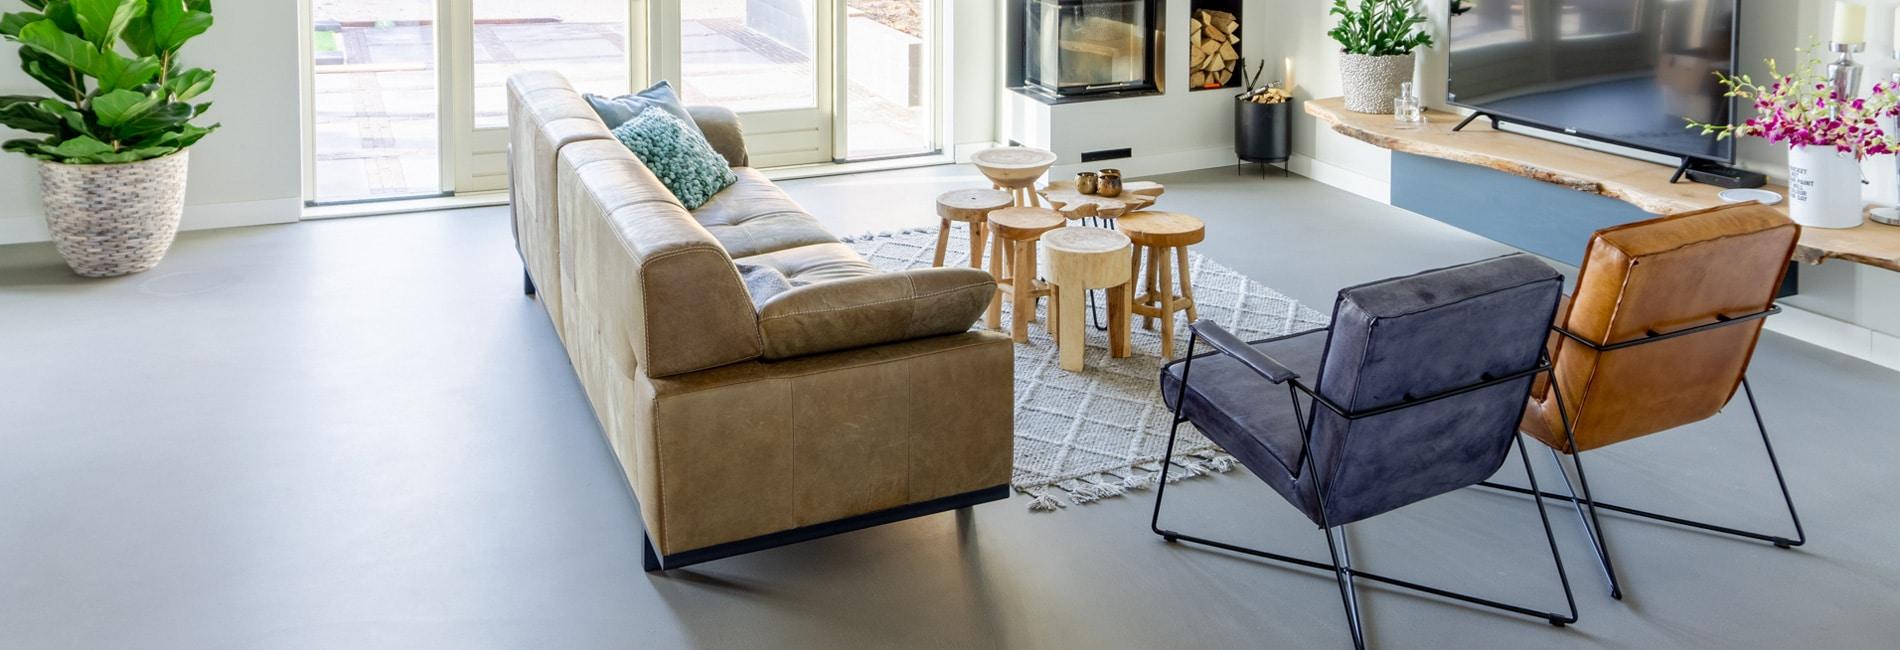 Design betonvloer in een woning